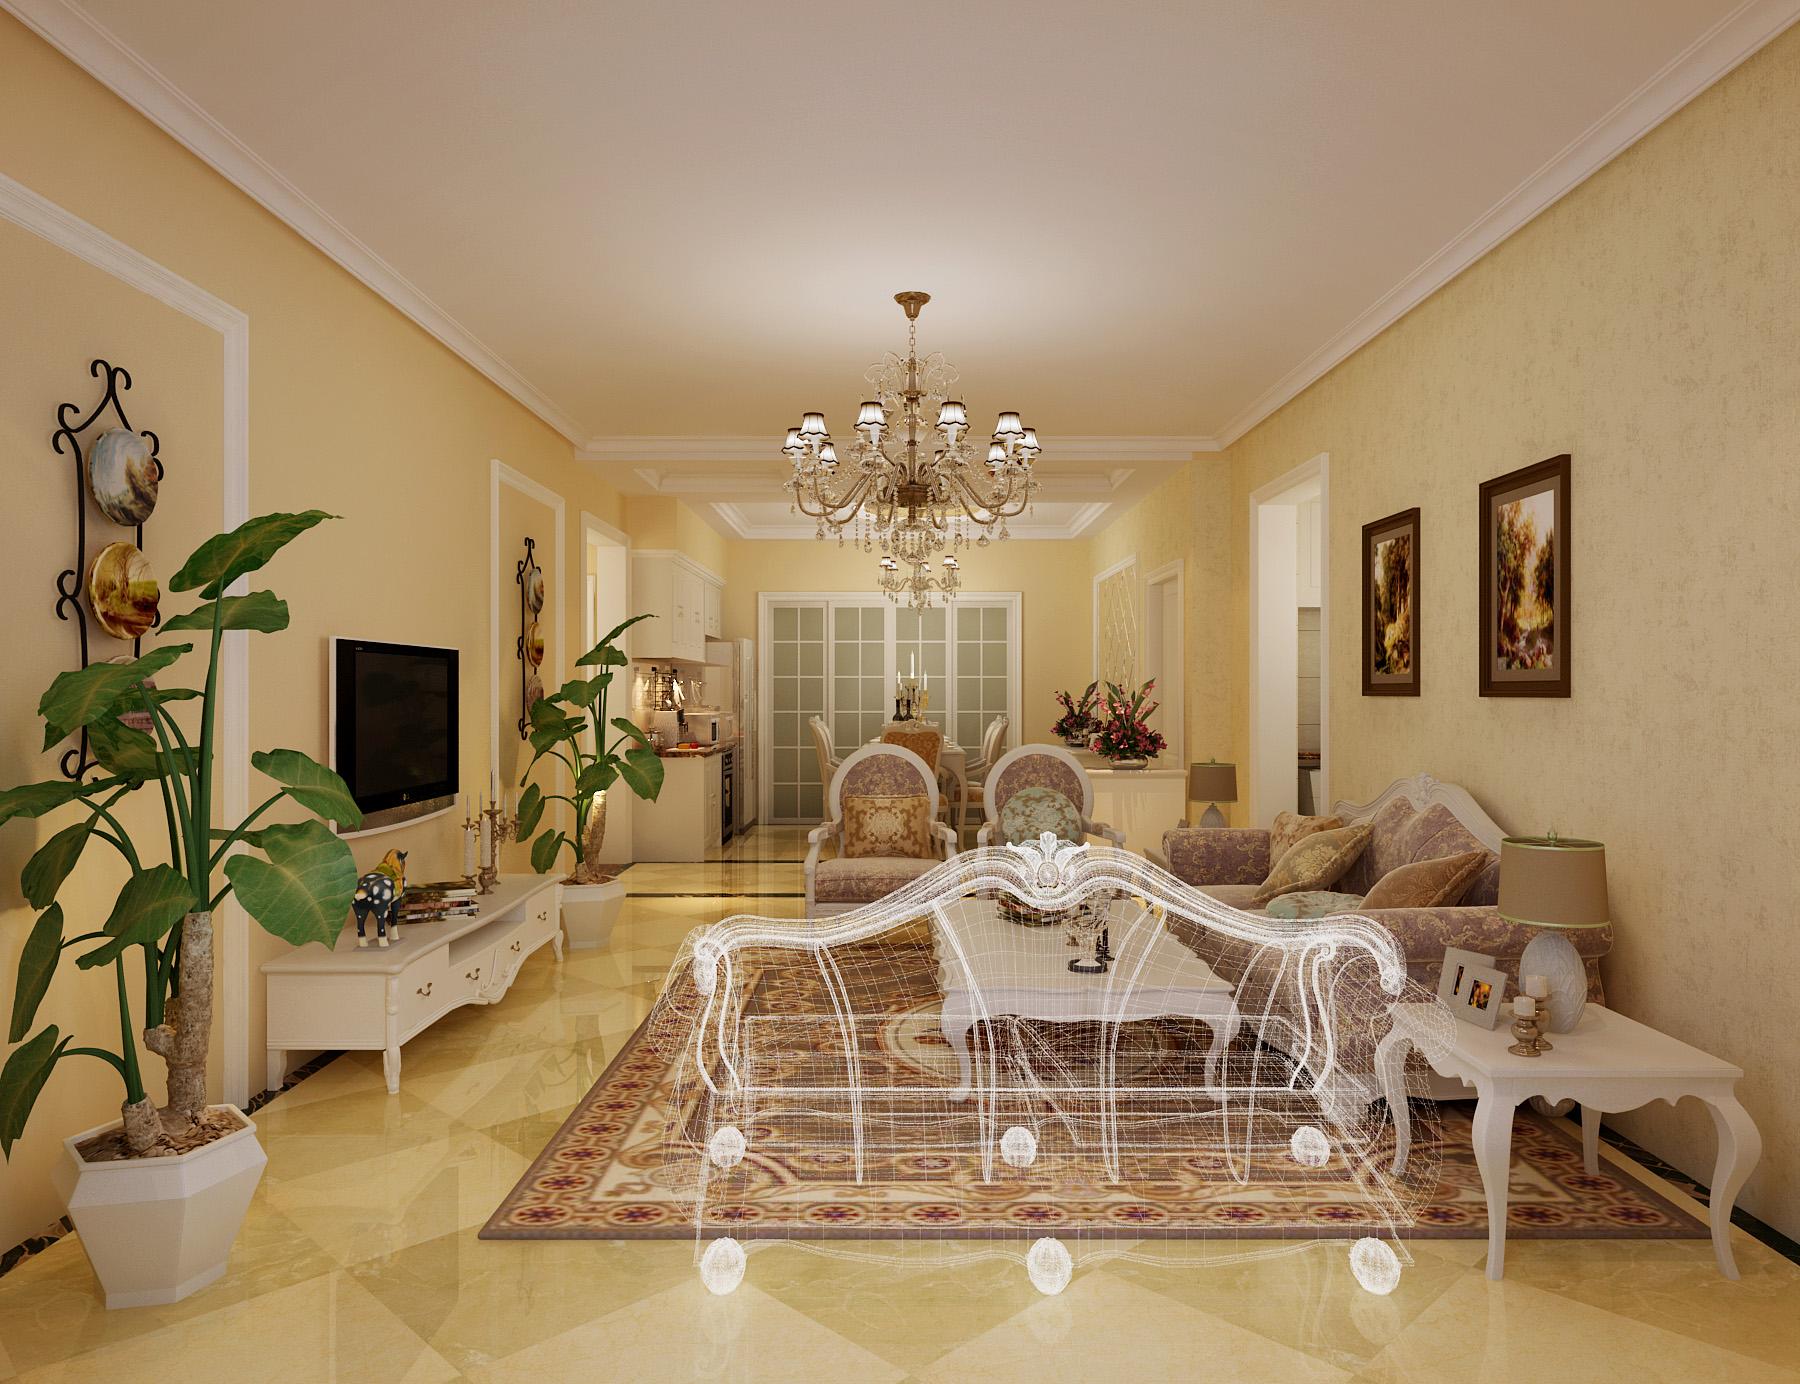 欧式 三居 客厅图片来自北京今朝装饰刘在纳帕澜郡经典三居简欧设计的分享